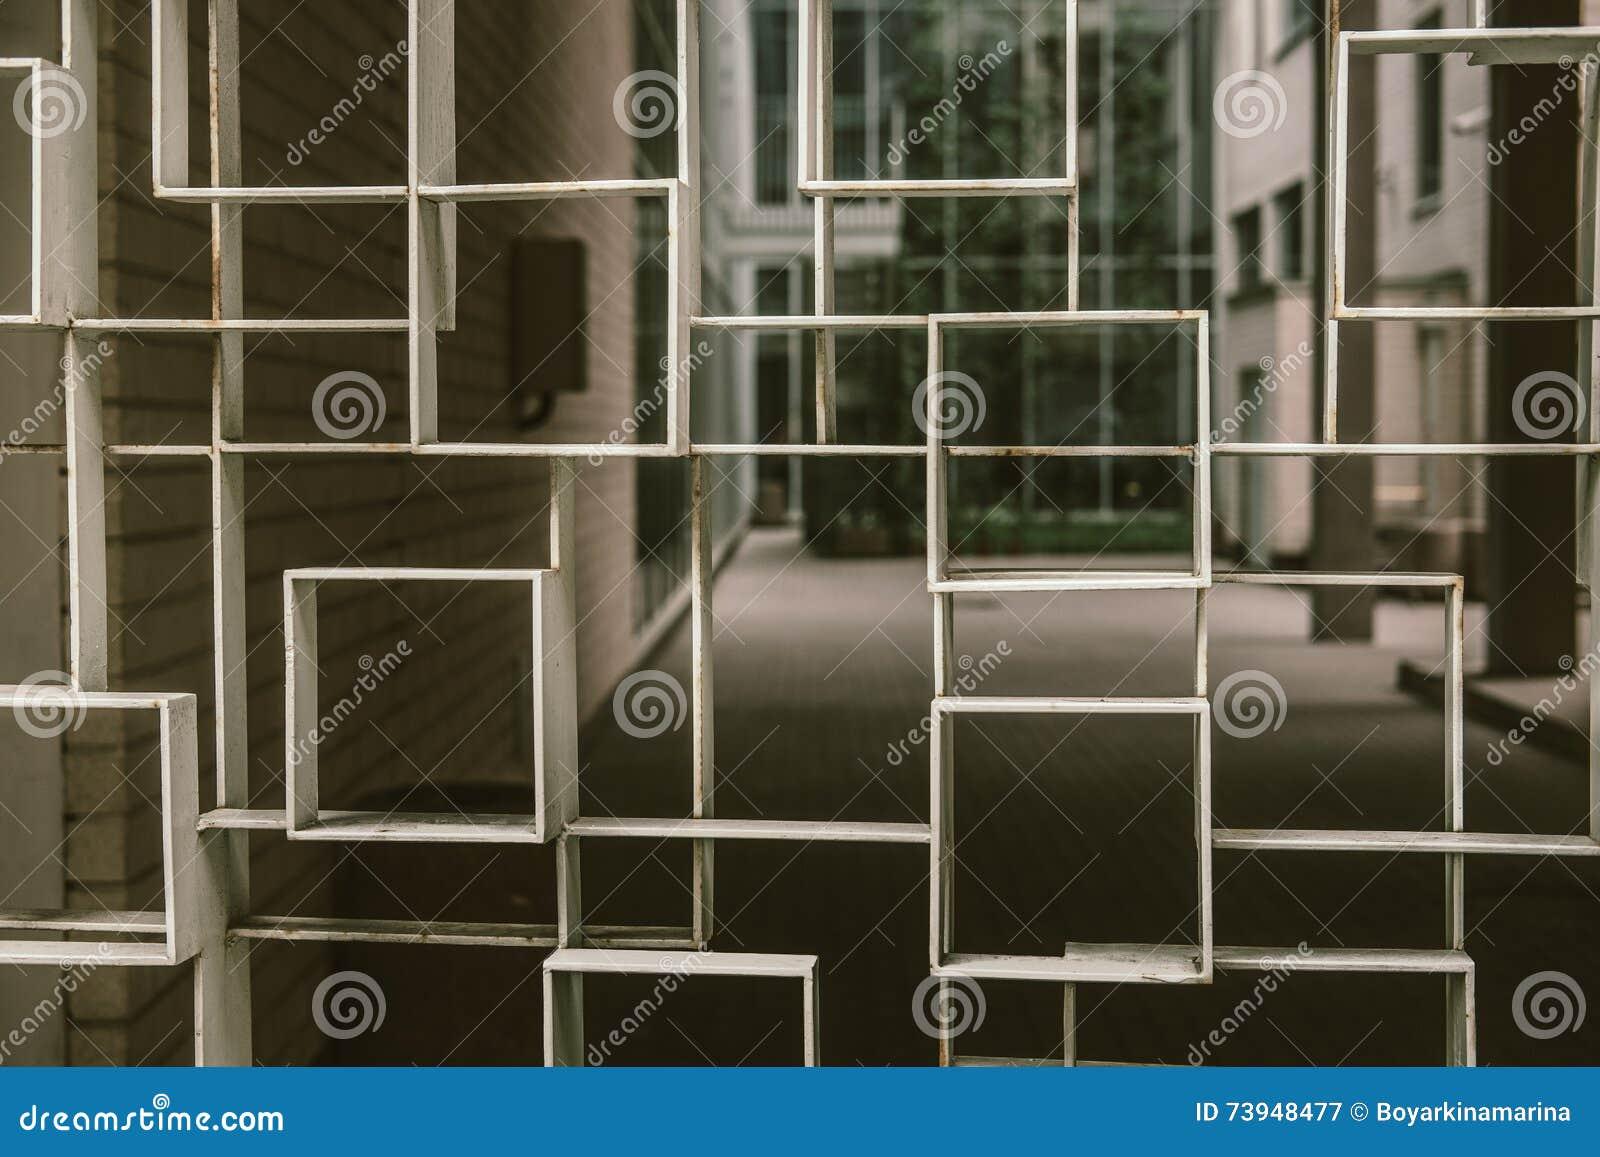 Geometrischer Zaun Vor Haus Stockbild Bild Von Weiss Metall 73948477